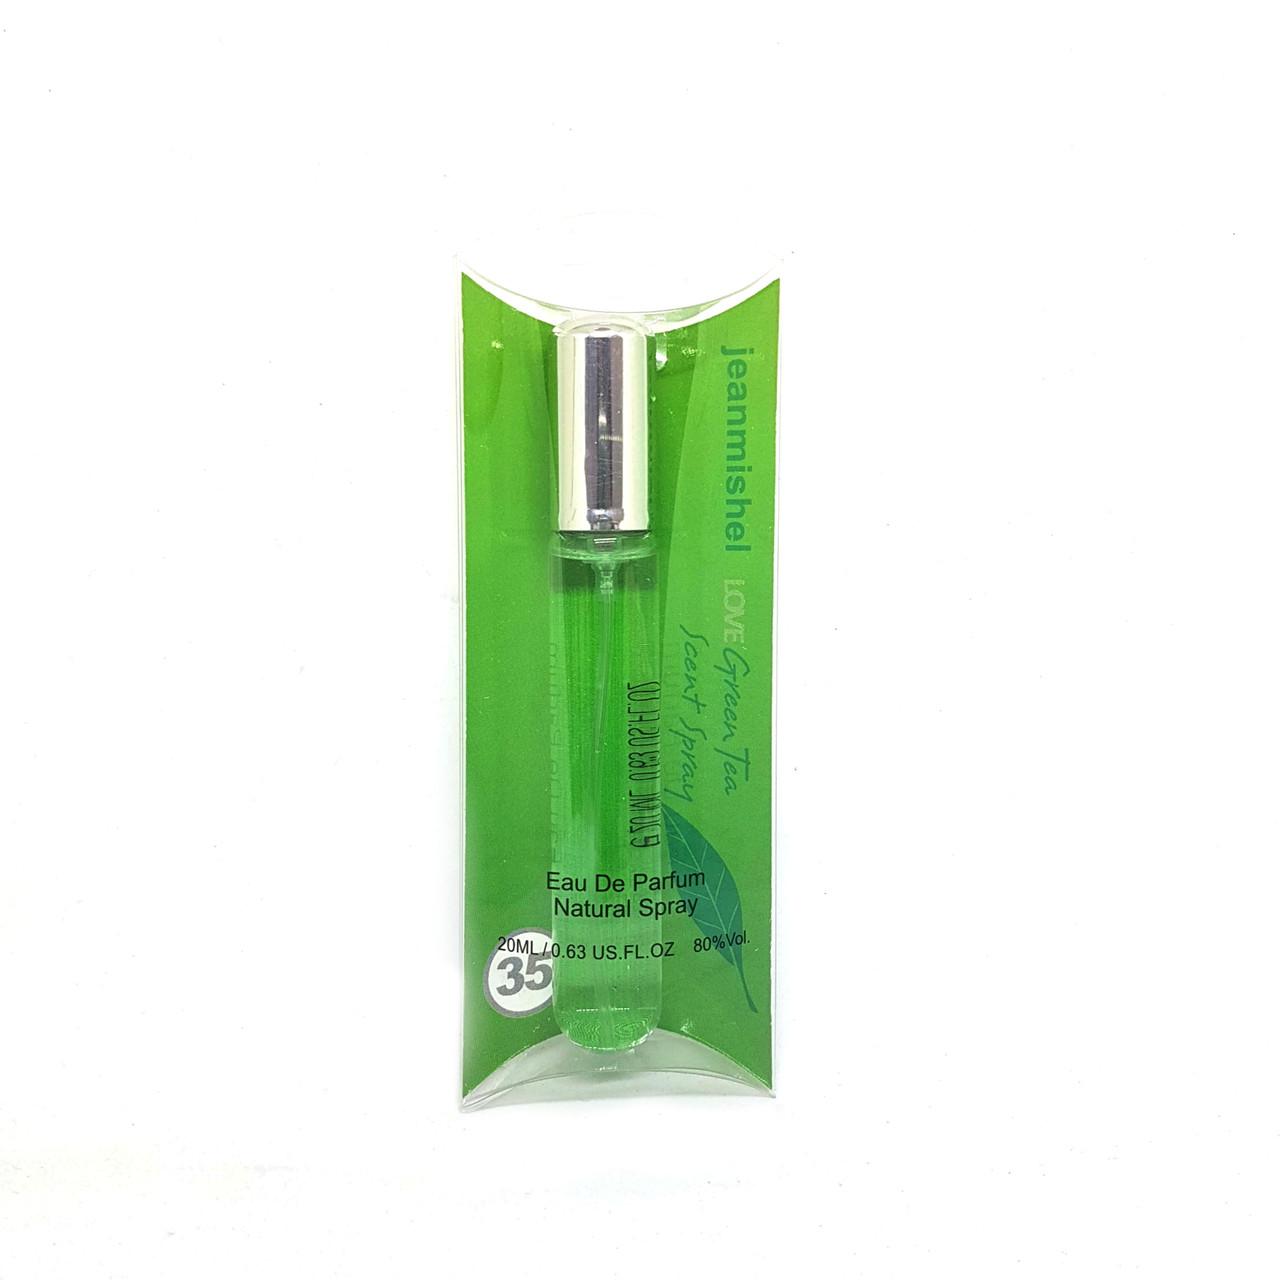 Jeanmishel Love Green Tea Scent Spray (35) 20ml